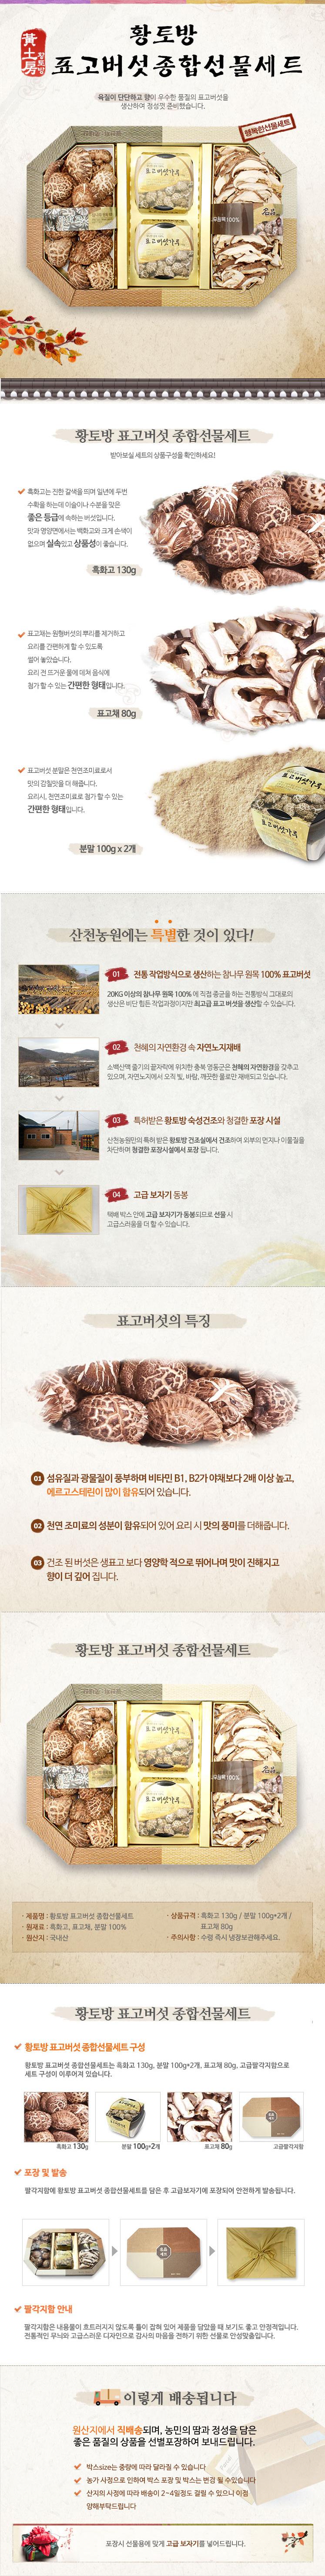 황토방 표고버섯 종합선물세트 상품설명